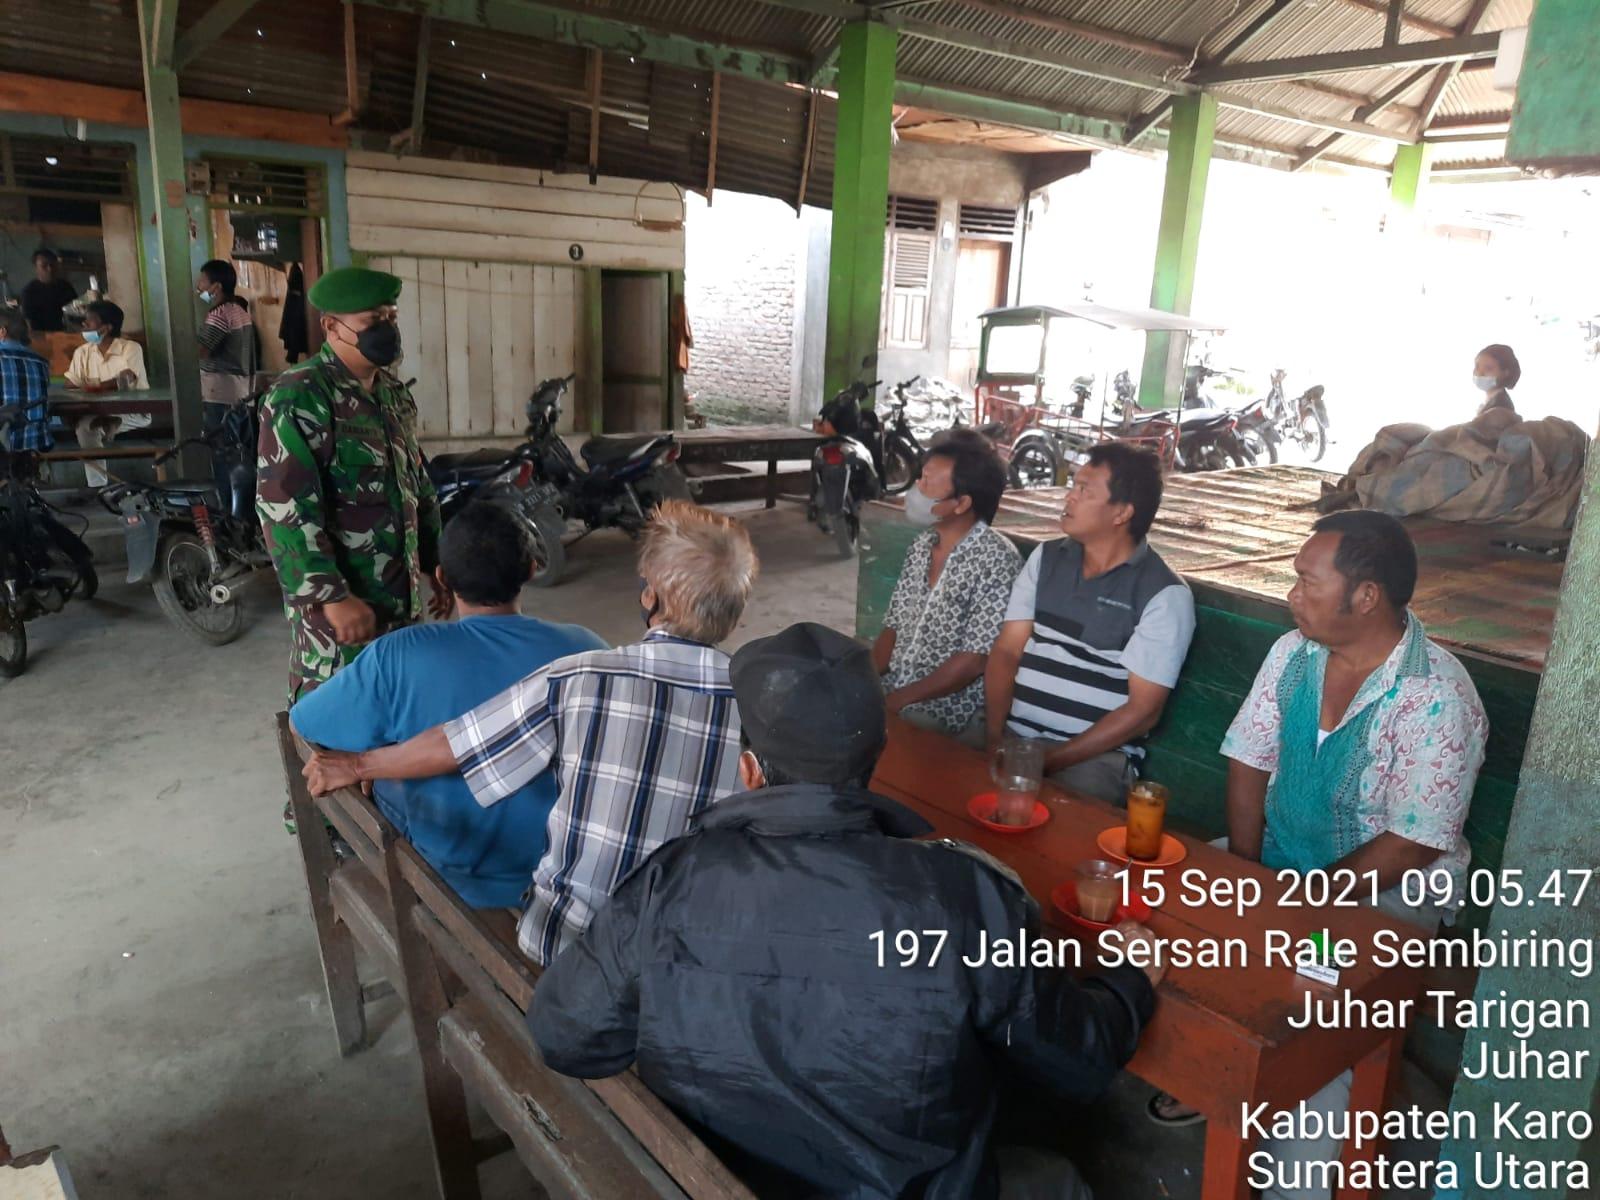 Eratkan Persaudaraan, Babinsa Koramil 07/JH Komsos Bersama Masyarakat